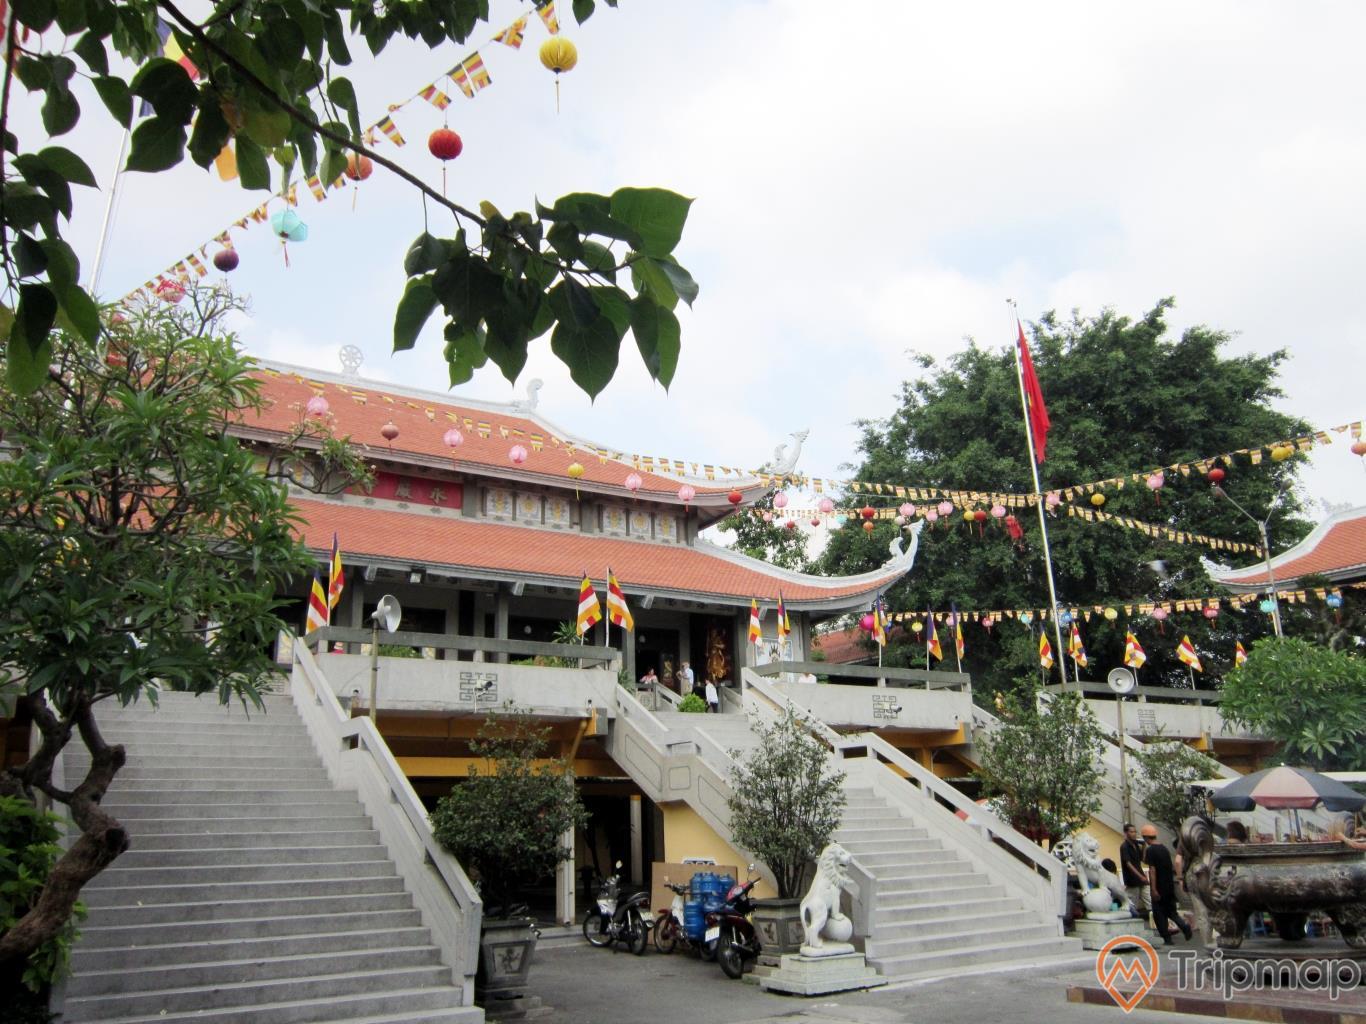 Kiến trúc độc đáo của chùa